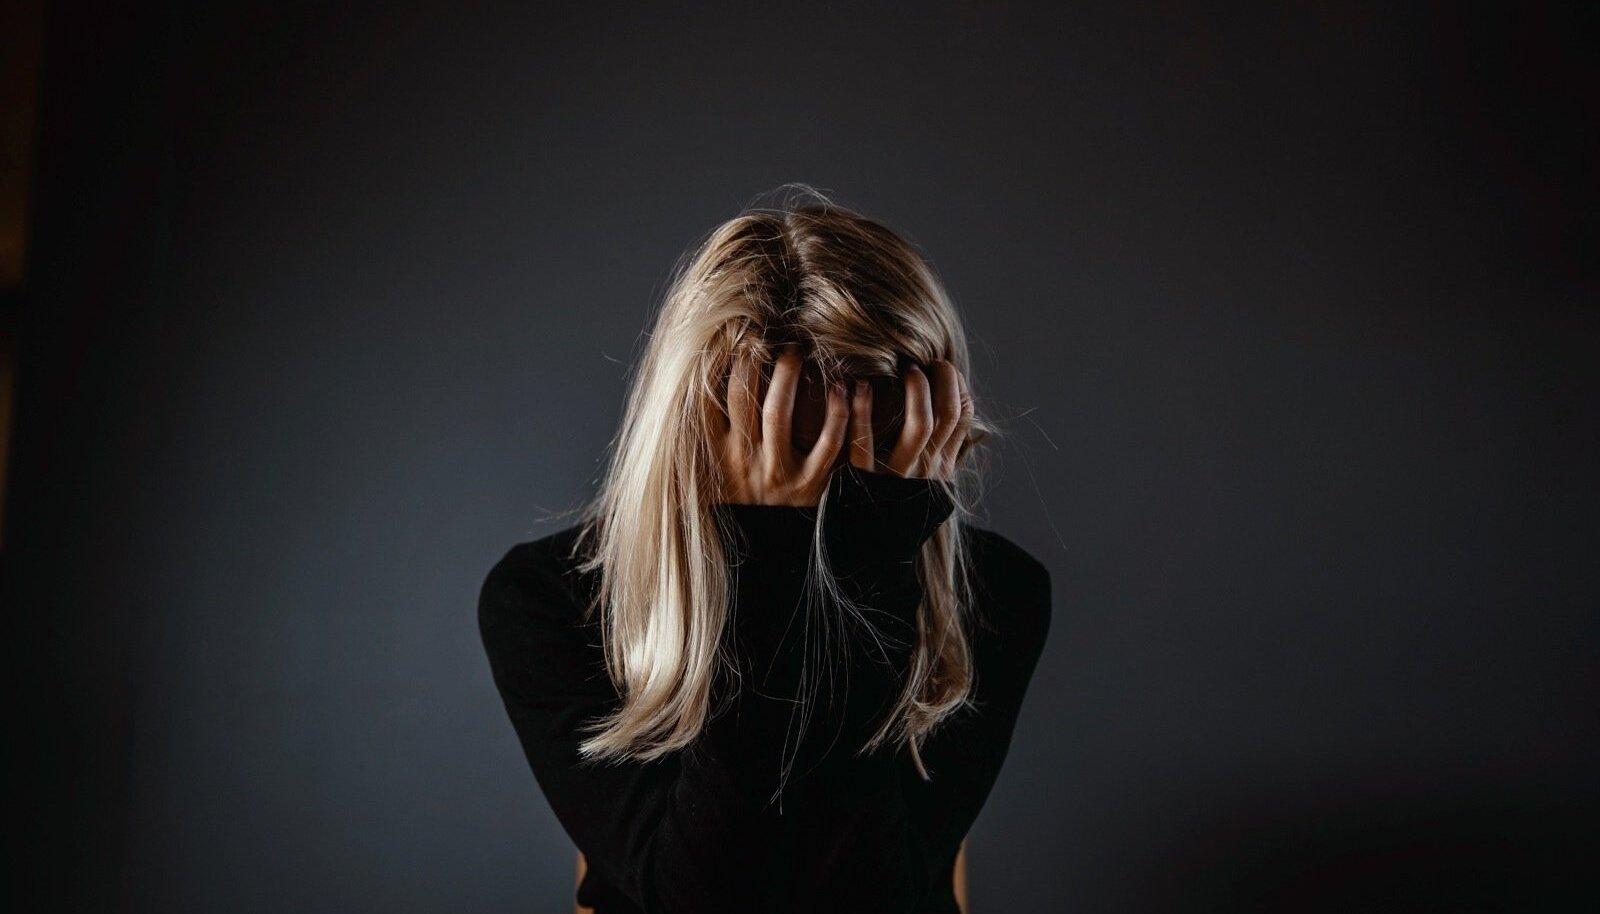 az arc pikkelysömörének kezelése otthon népi gyógymódokkal ízületi gyulladás pikkelysömör kezelésével